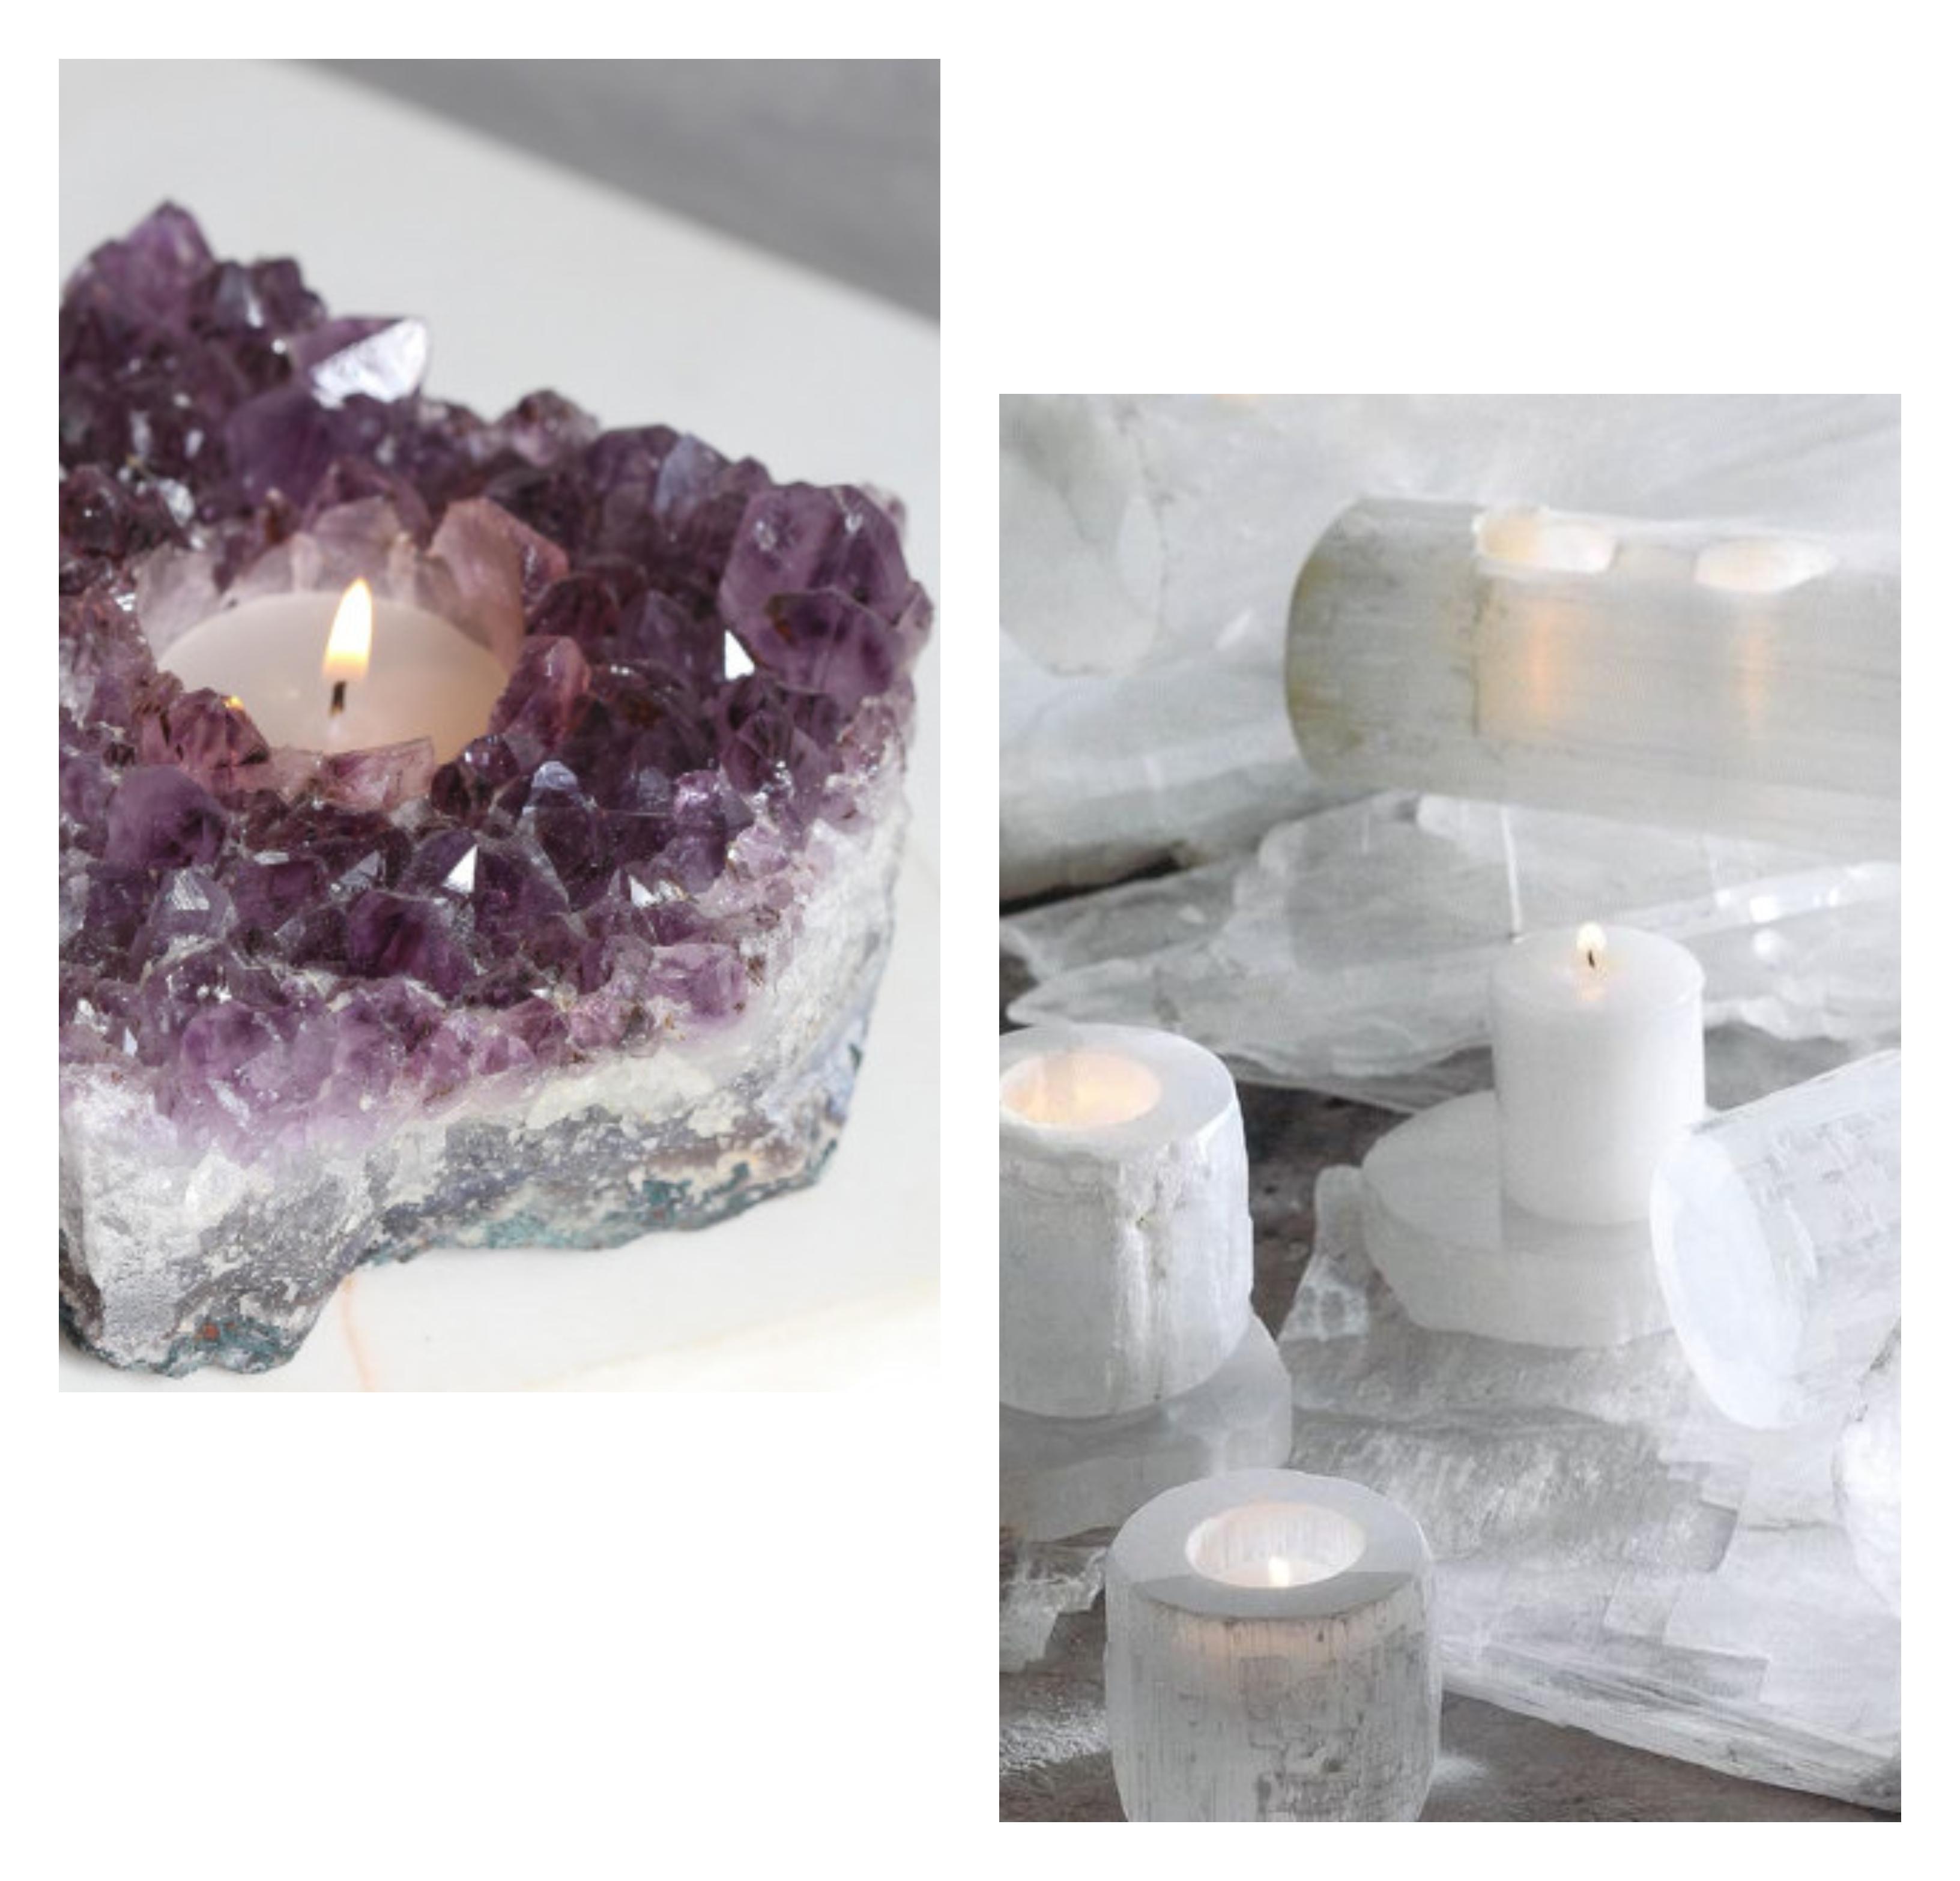 porta-velas shop dos cristais